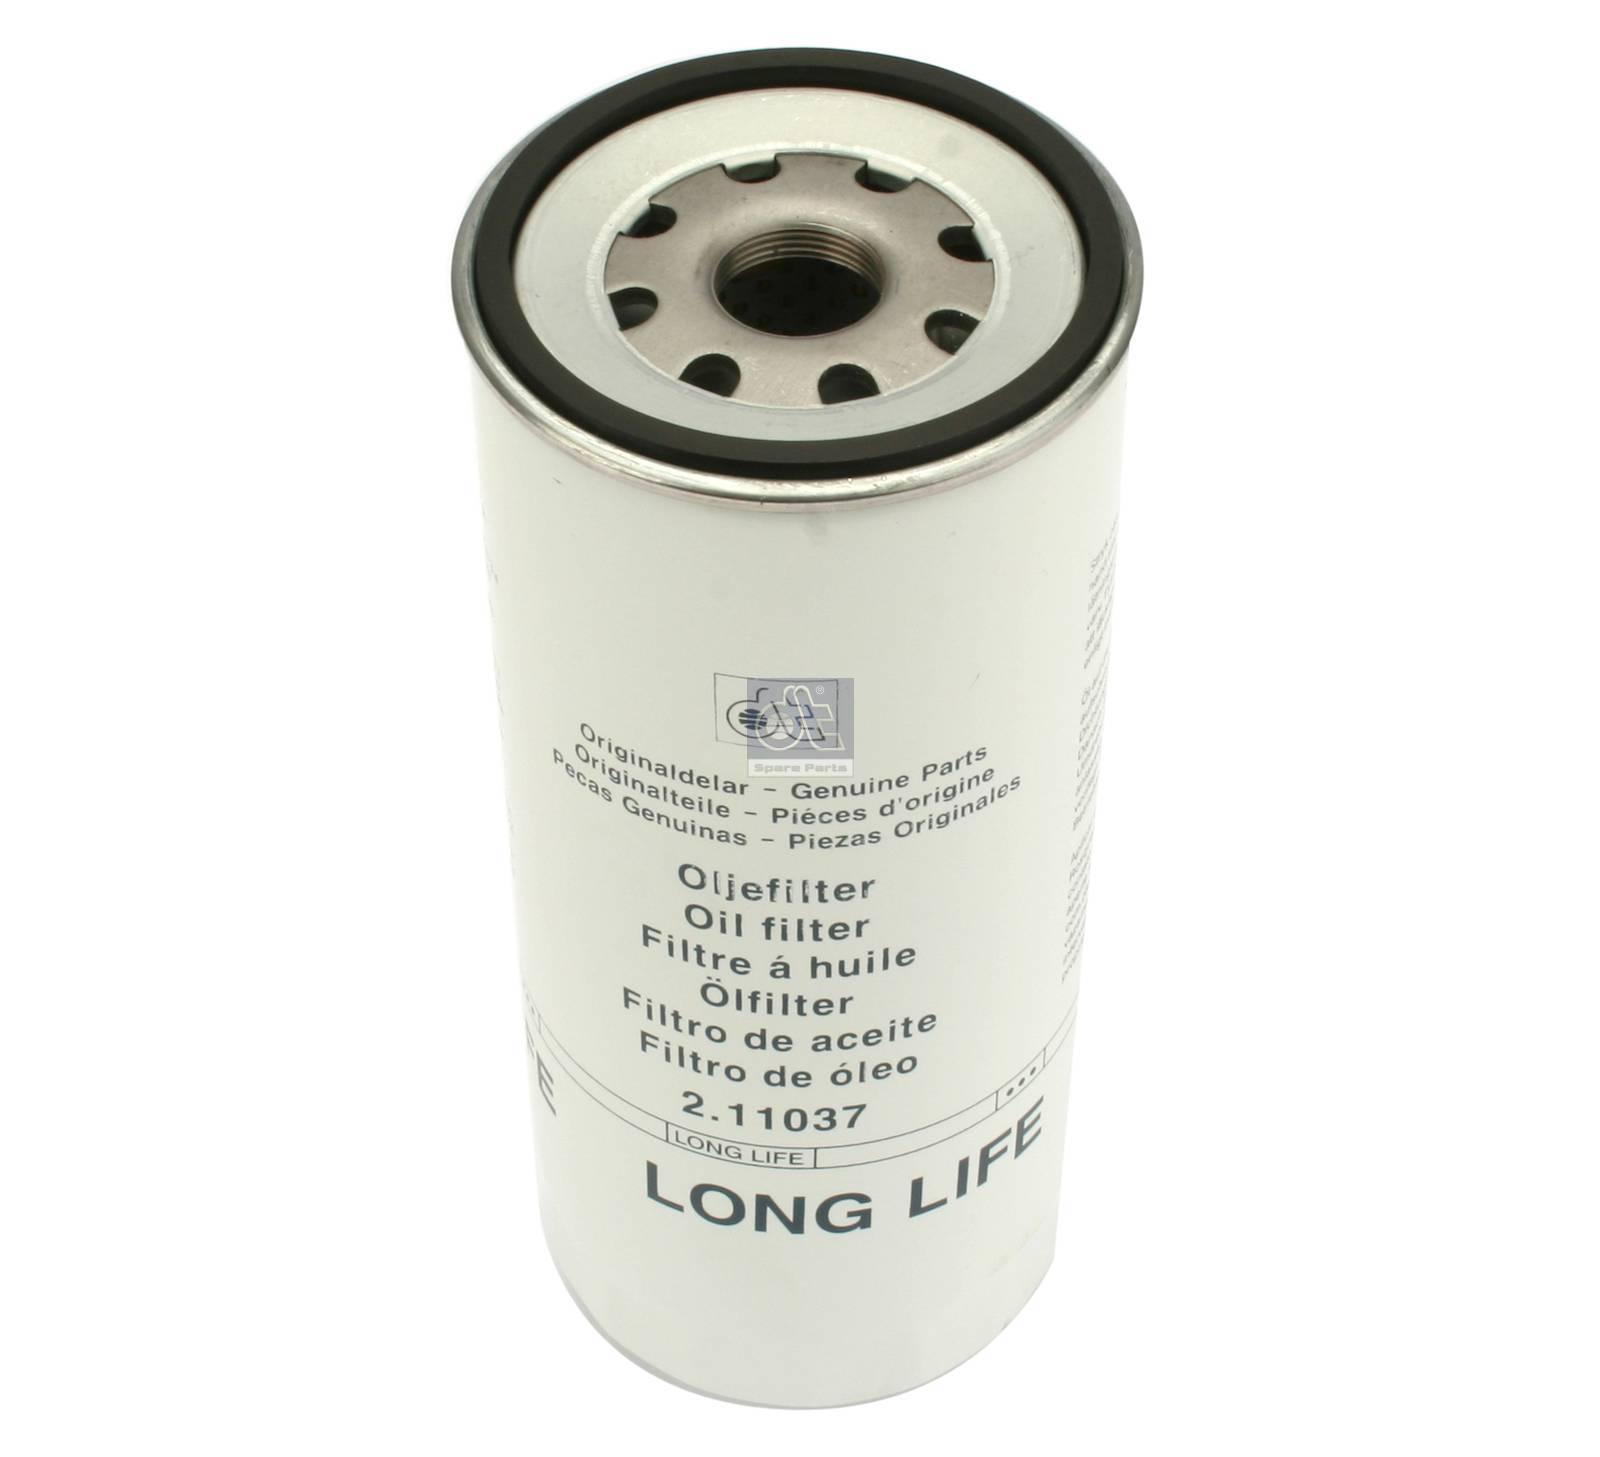 Ölfilter, Long Life